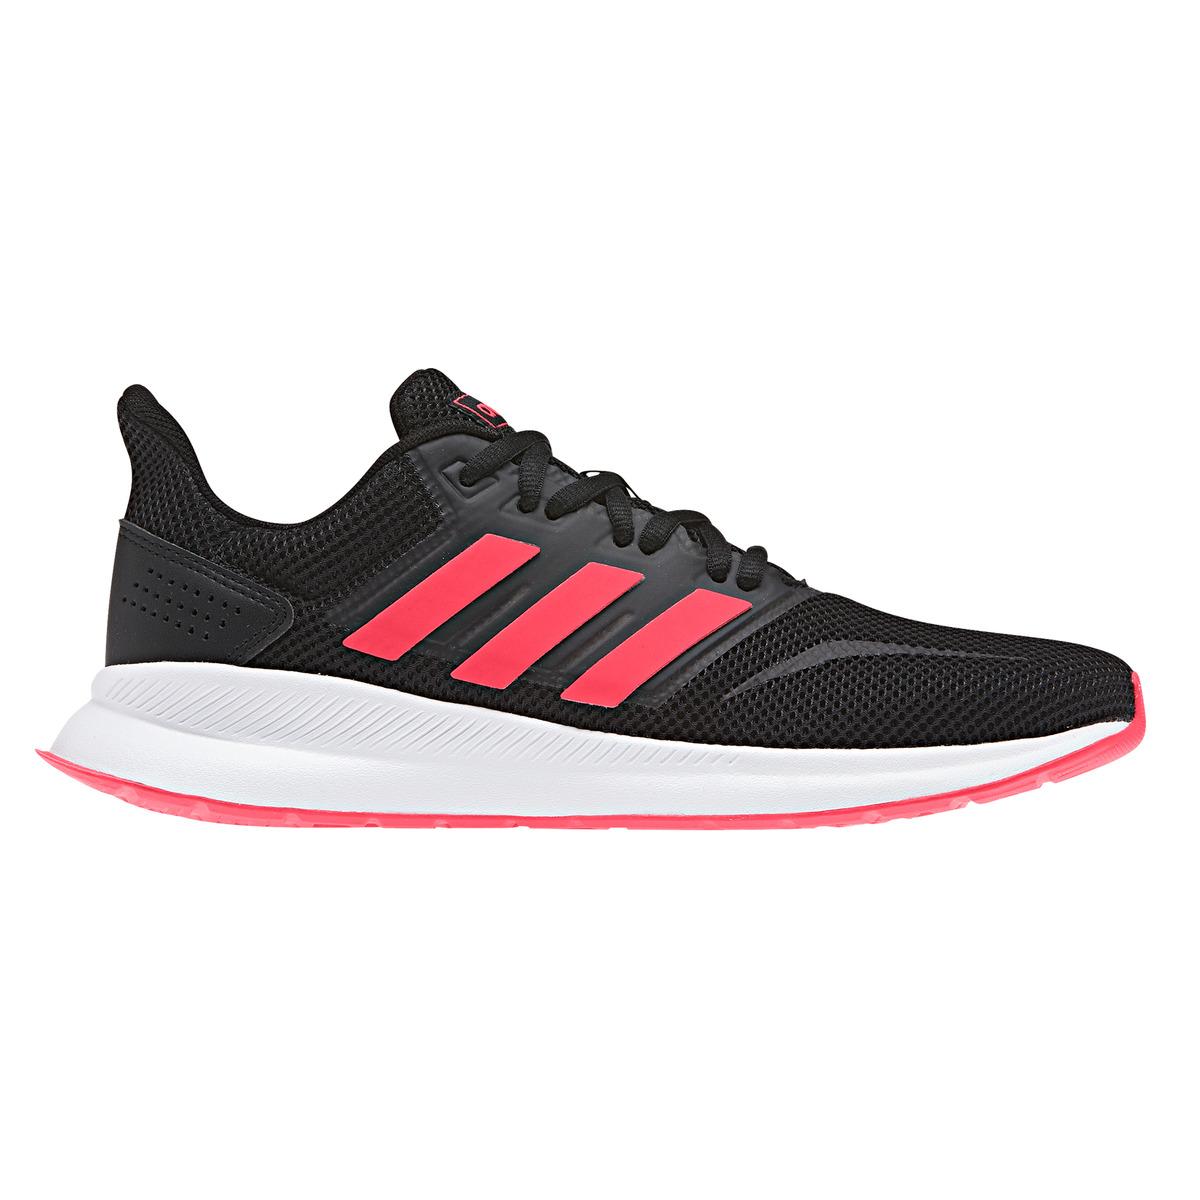 Adidas Runfalcon Zapatillas de mujer solo 24.9€